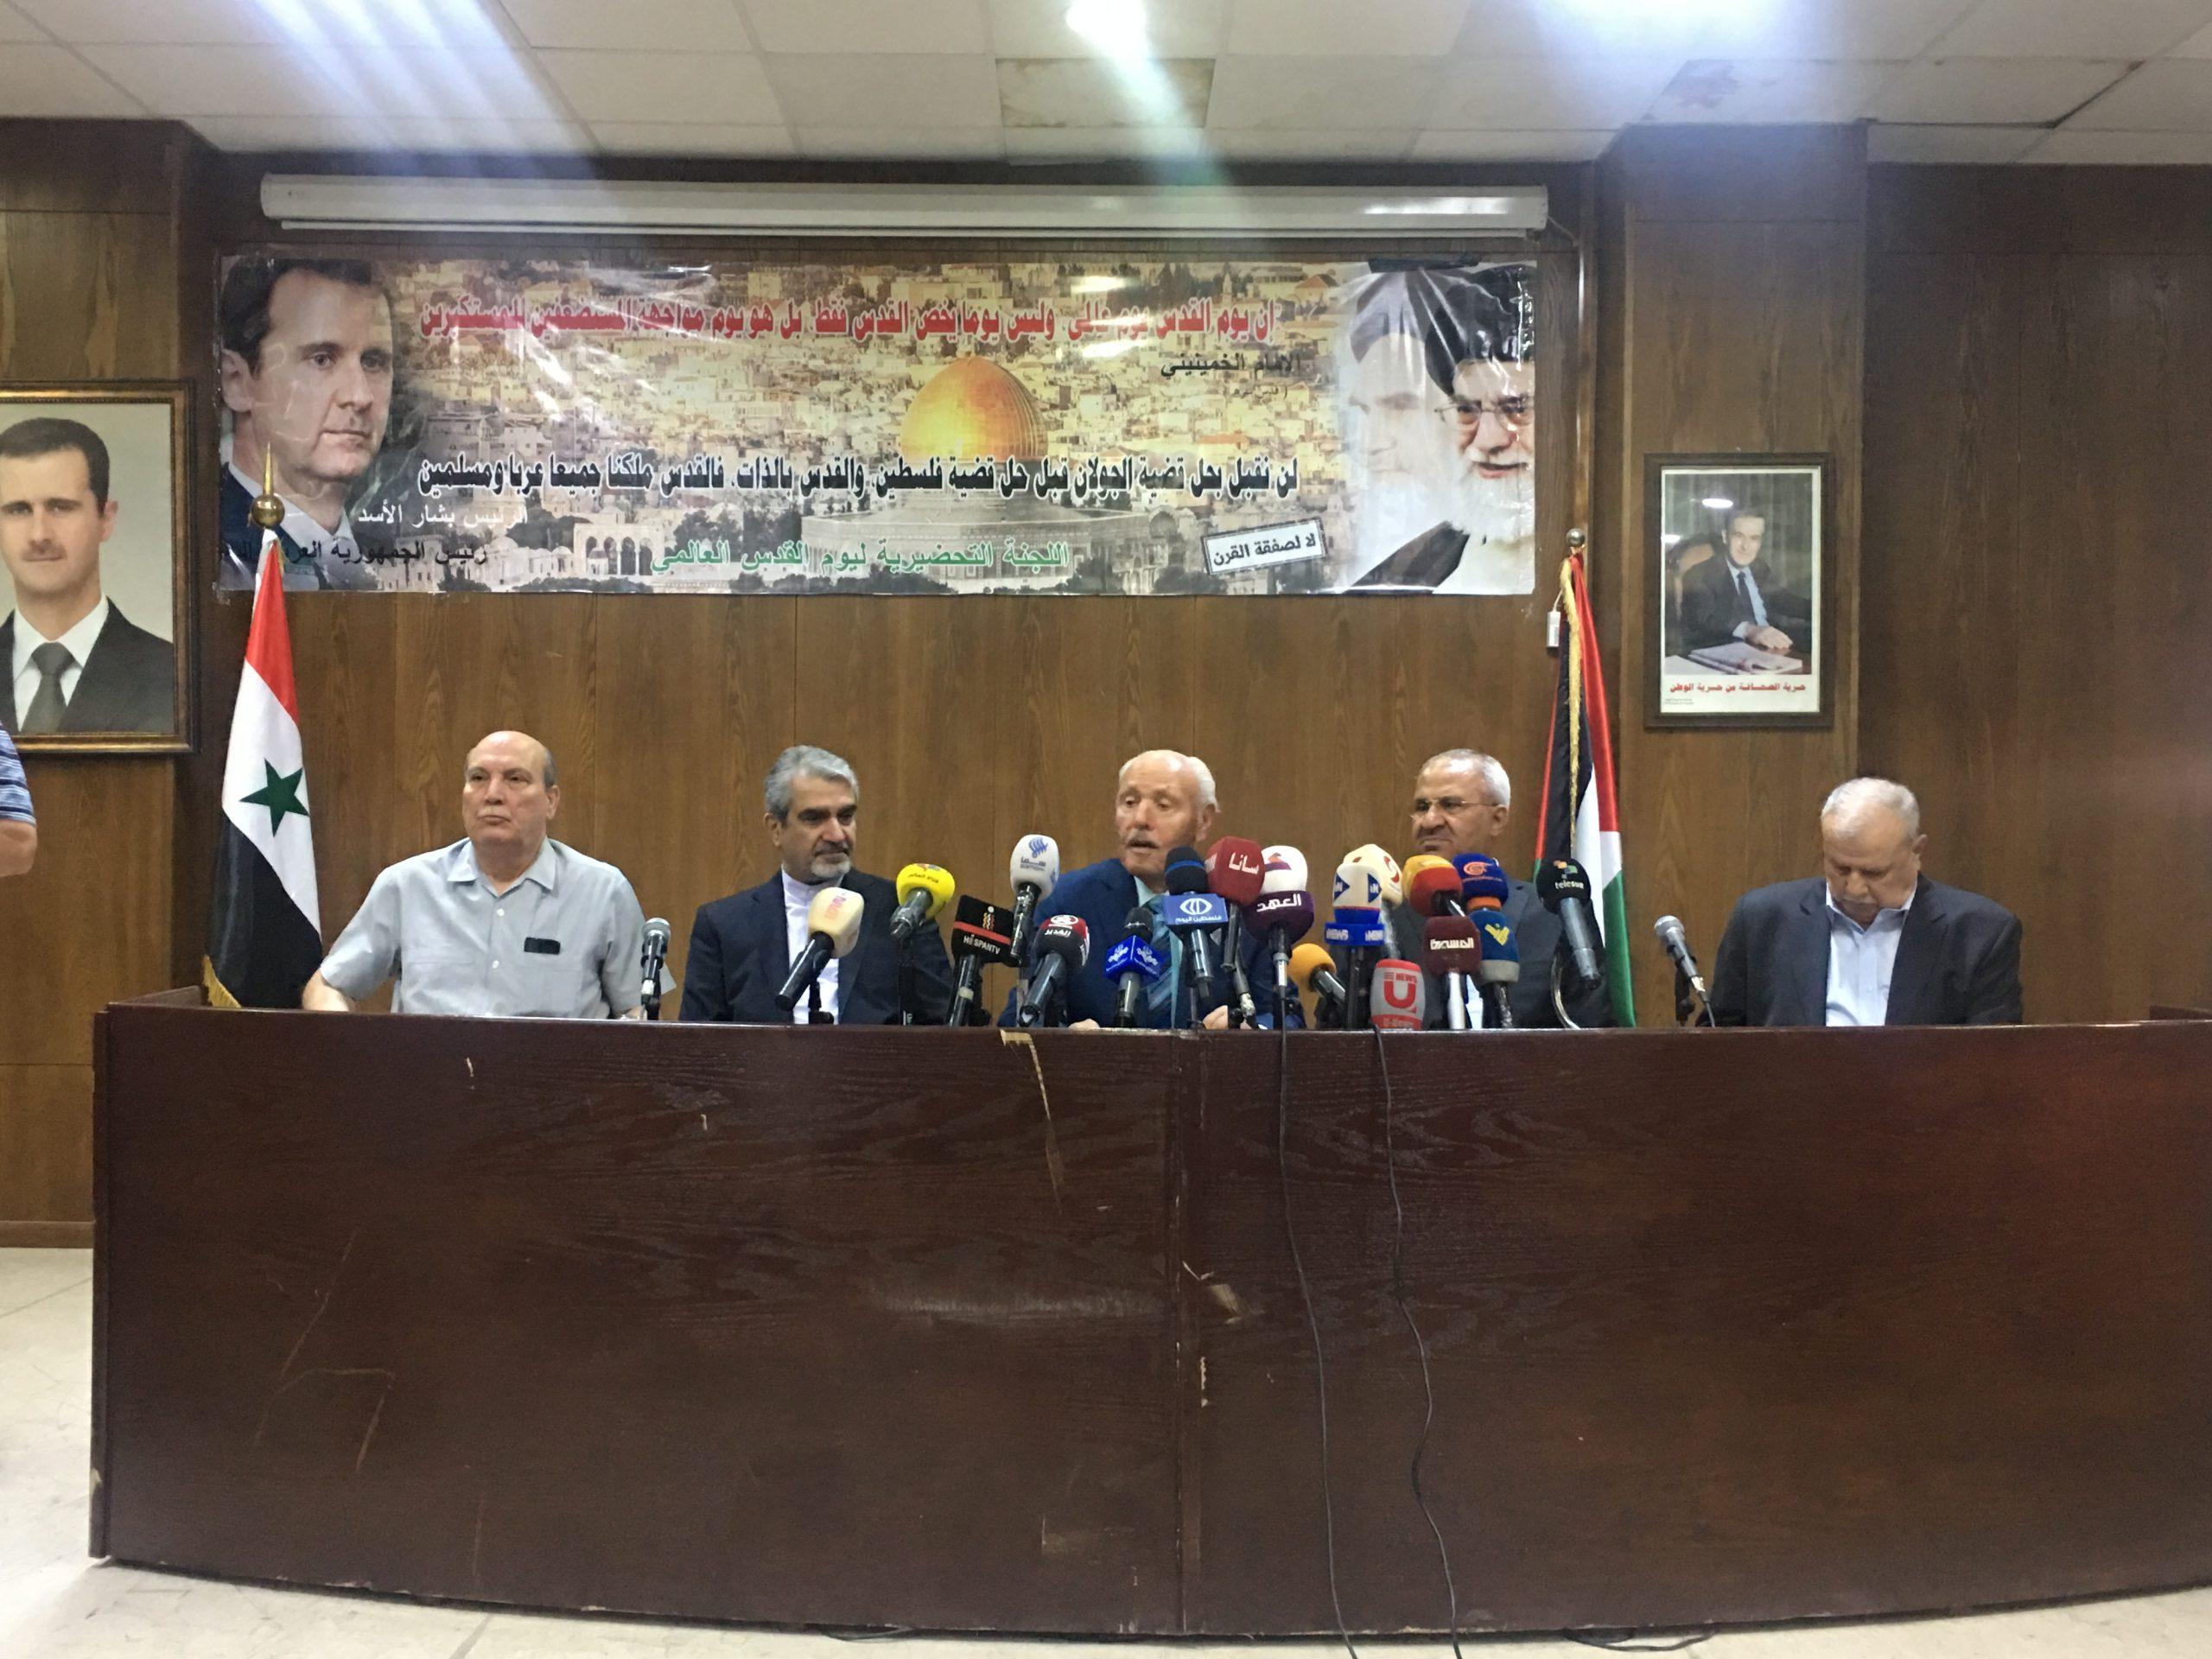 تكريس ثقافة المقاومة في مواجهة الاحتلال ندوة على مدرج البعث بمناسبة يوم القدس العالمي